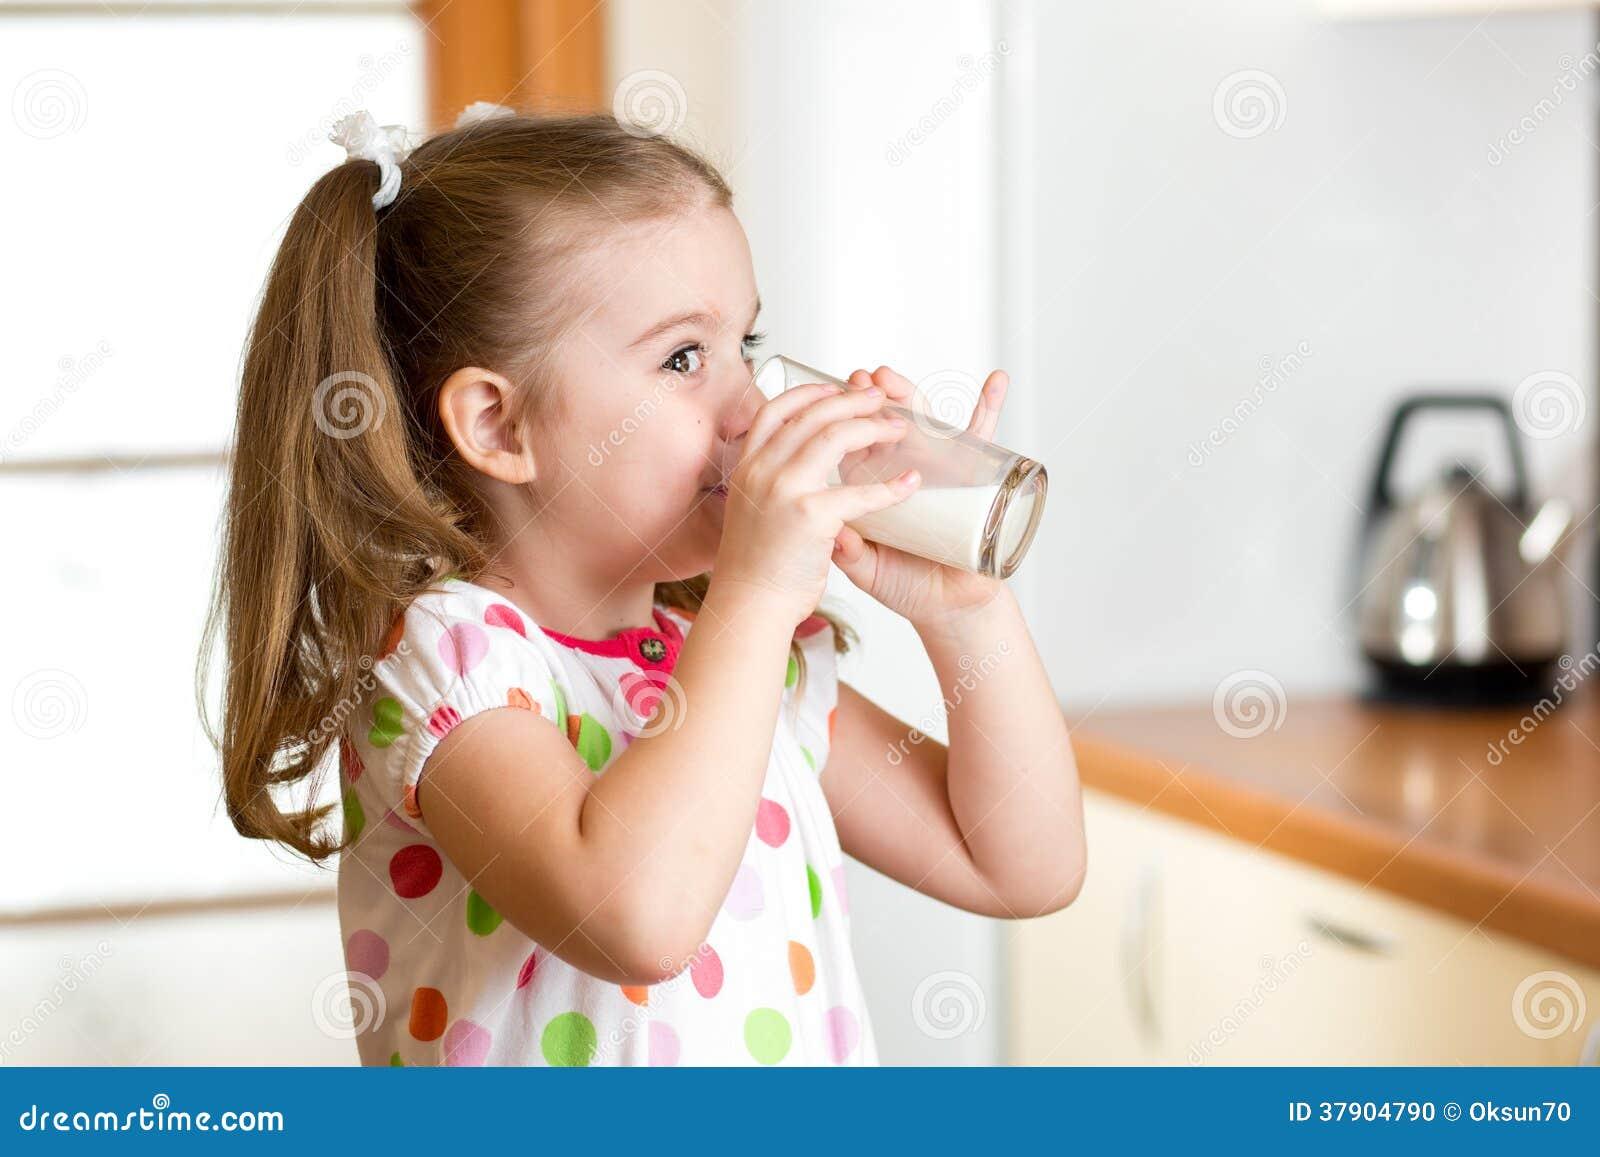 Фото дети пьют кефир с